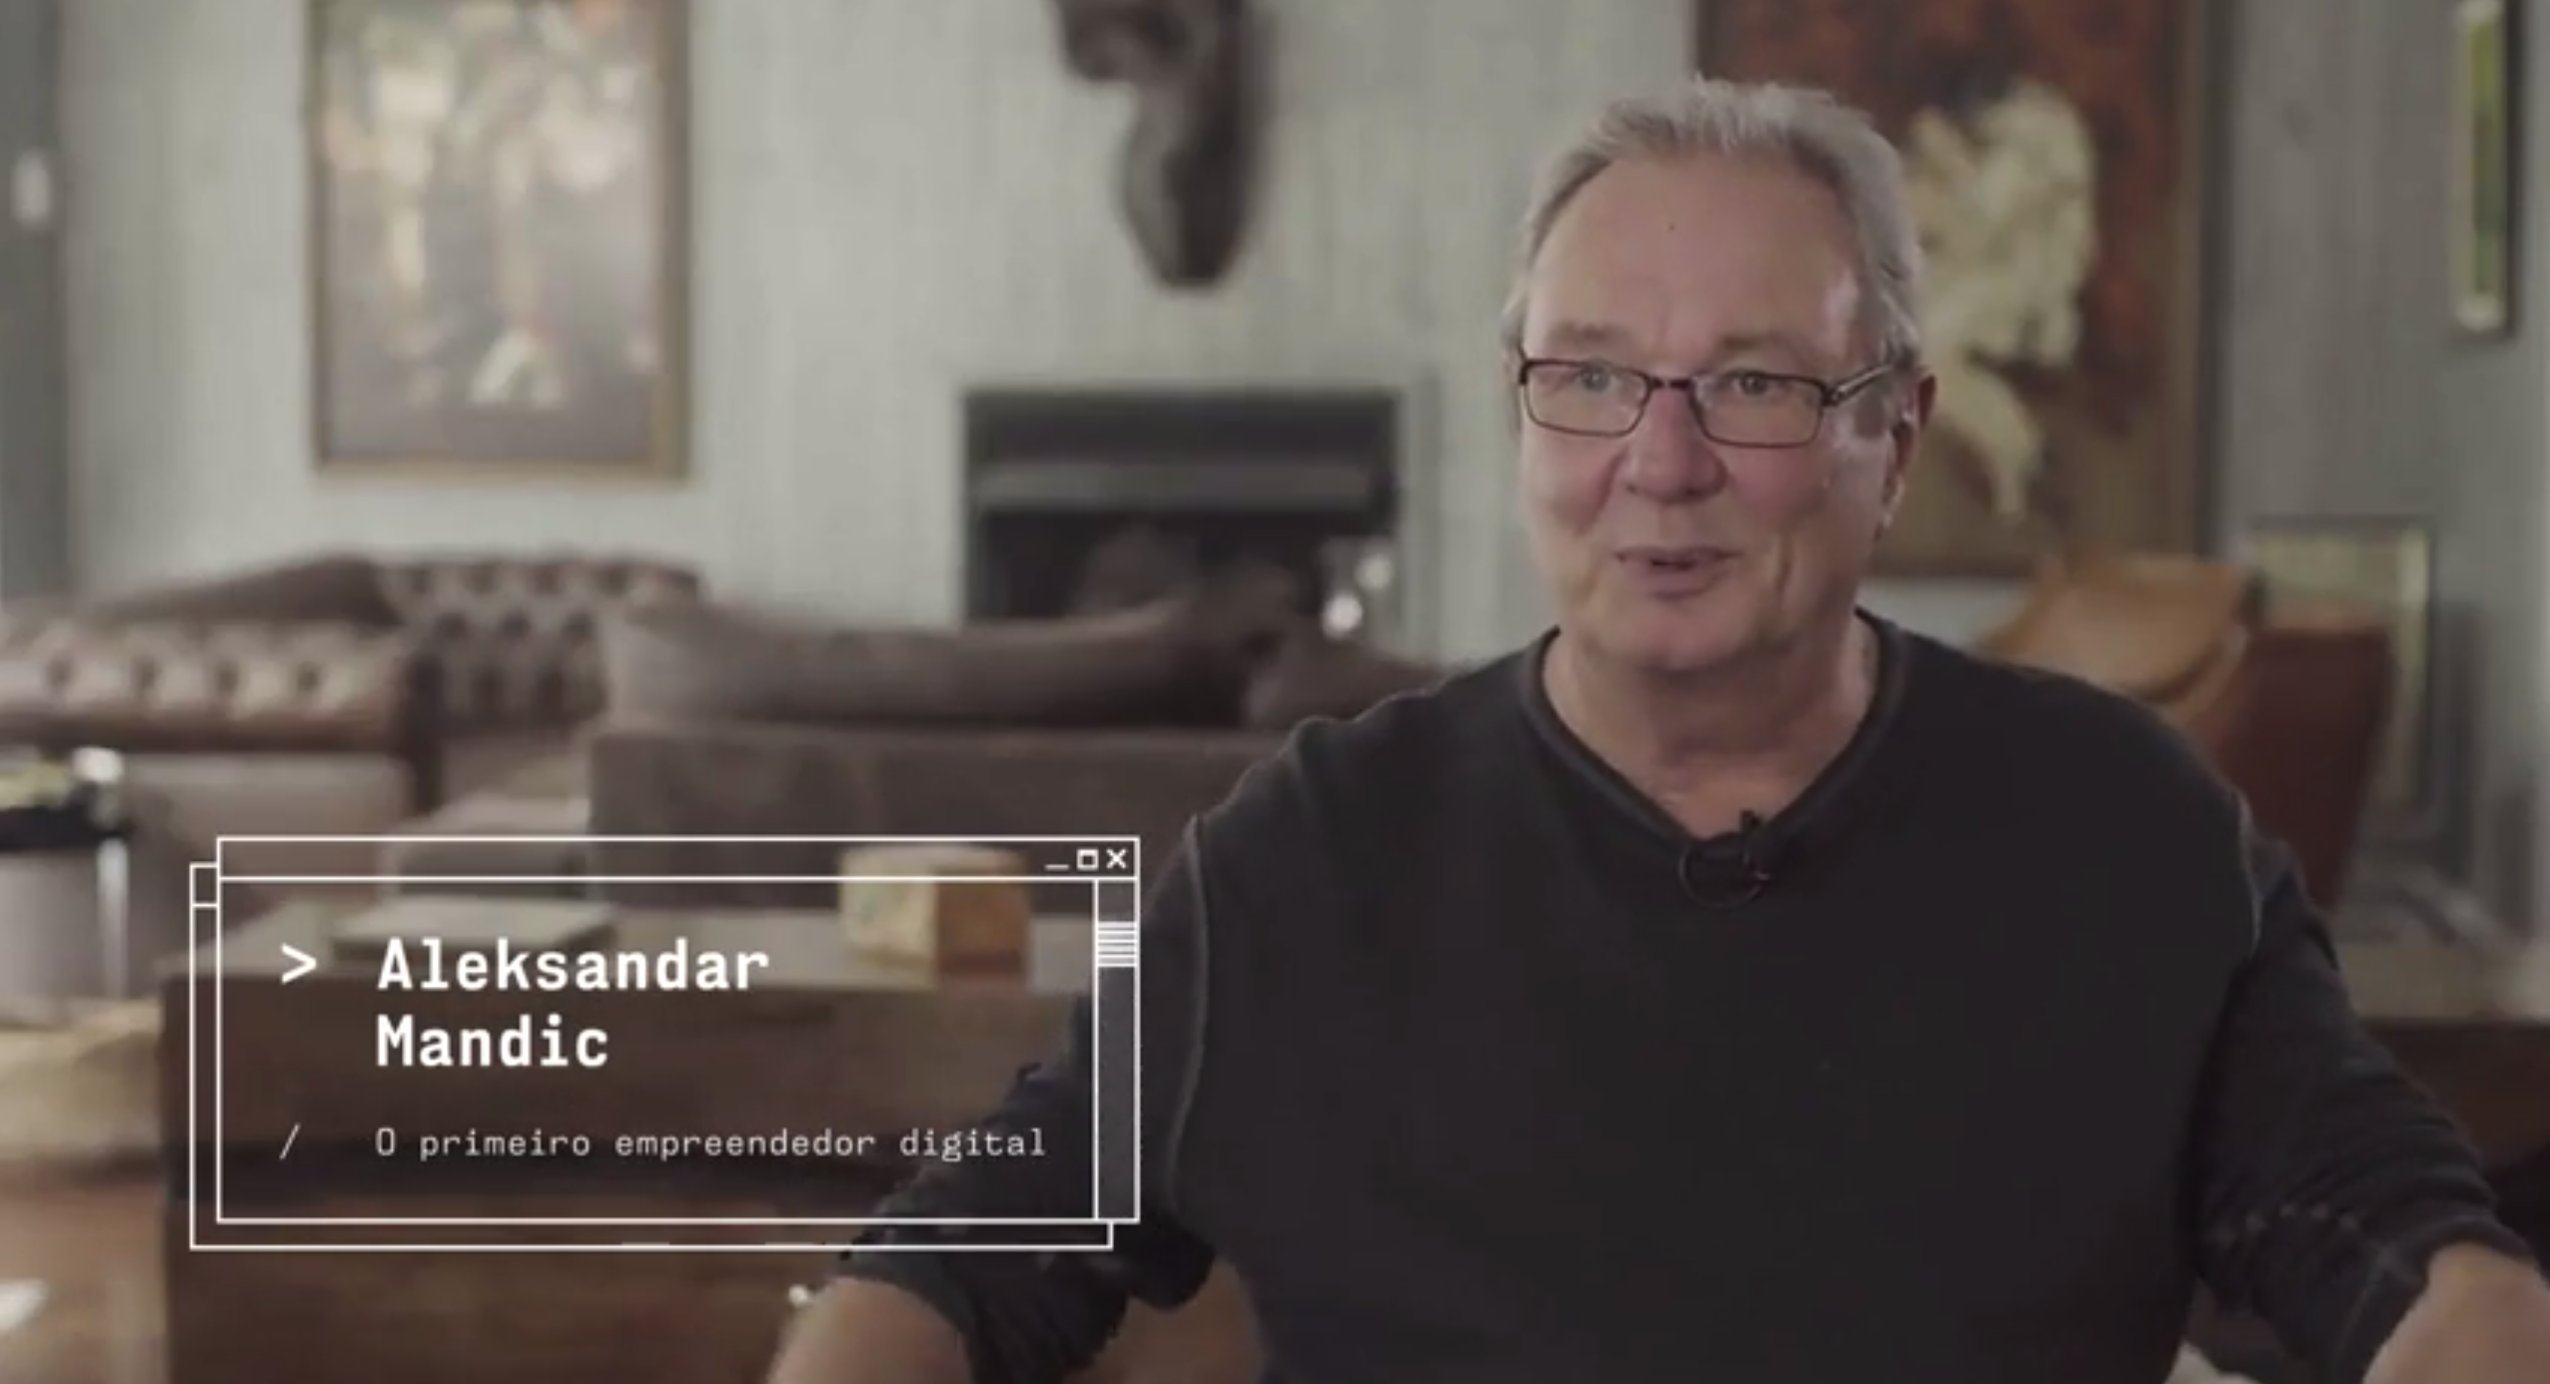 Morre Aleksandar Mandic, pioneiro da internet no Brasil